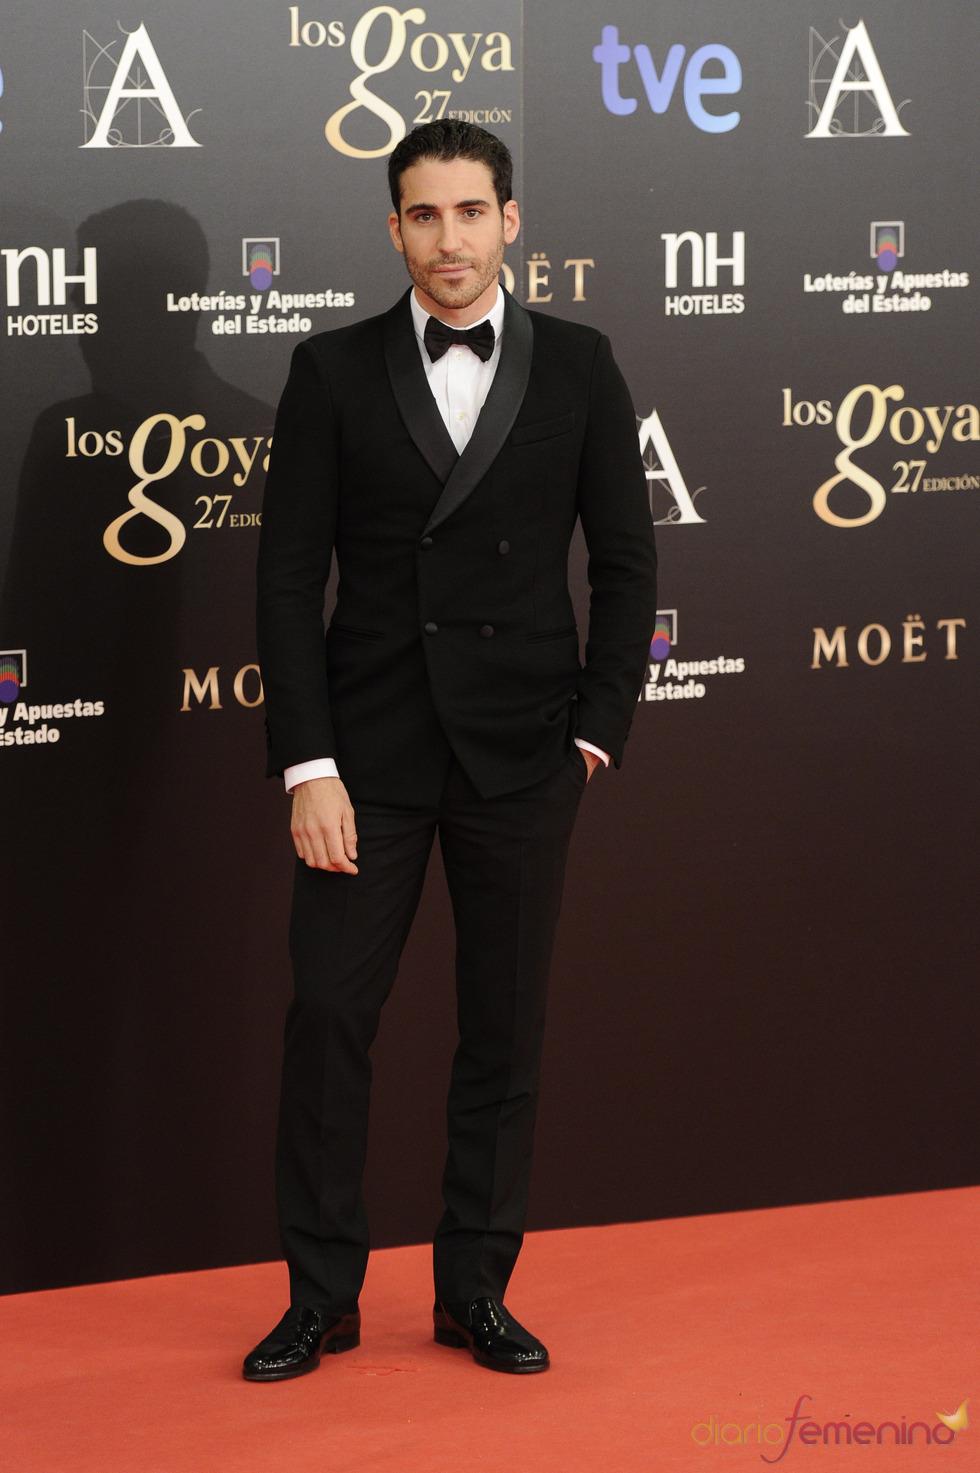 Miguel Ángel Silvestre en la alfombra roja de los Goya 2013